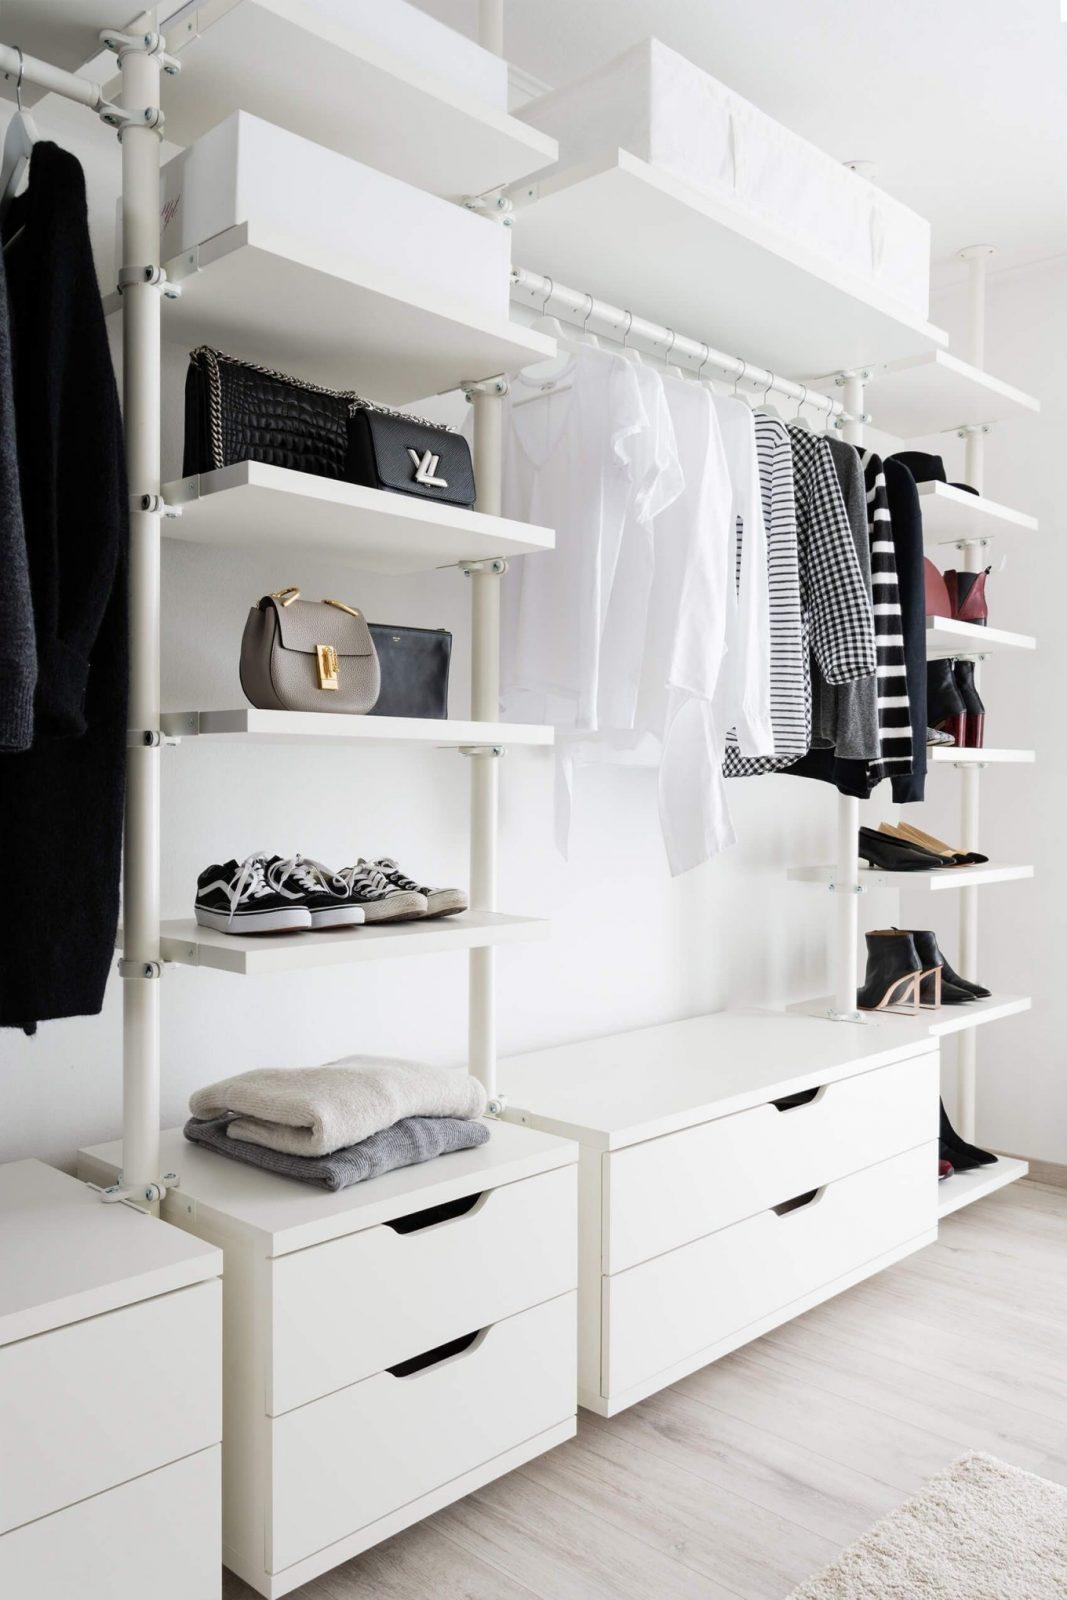 Ankleidezimmer  Offener Kleiderschrank  Ikea  Stolmen  Closet von Begehbarer Kleiderschrank Ikea Stolmen Photo